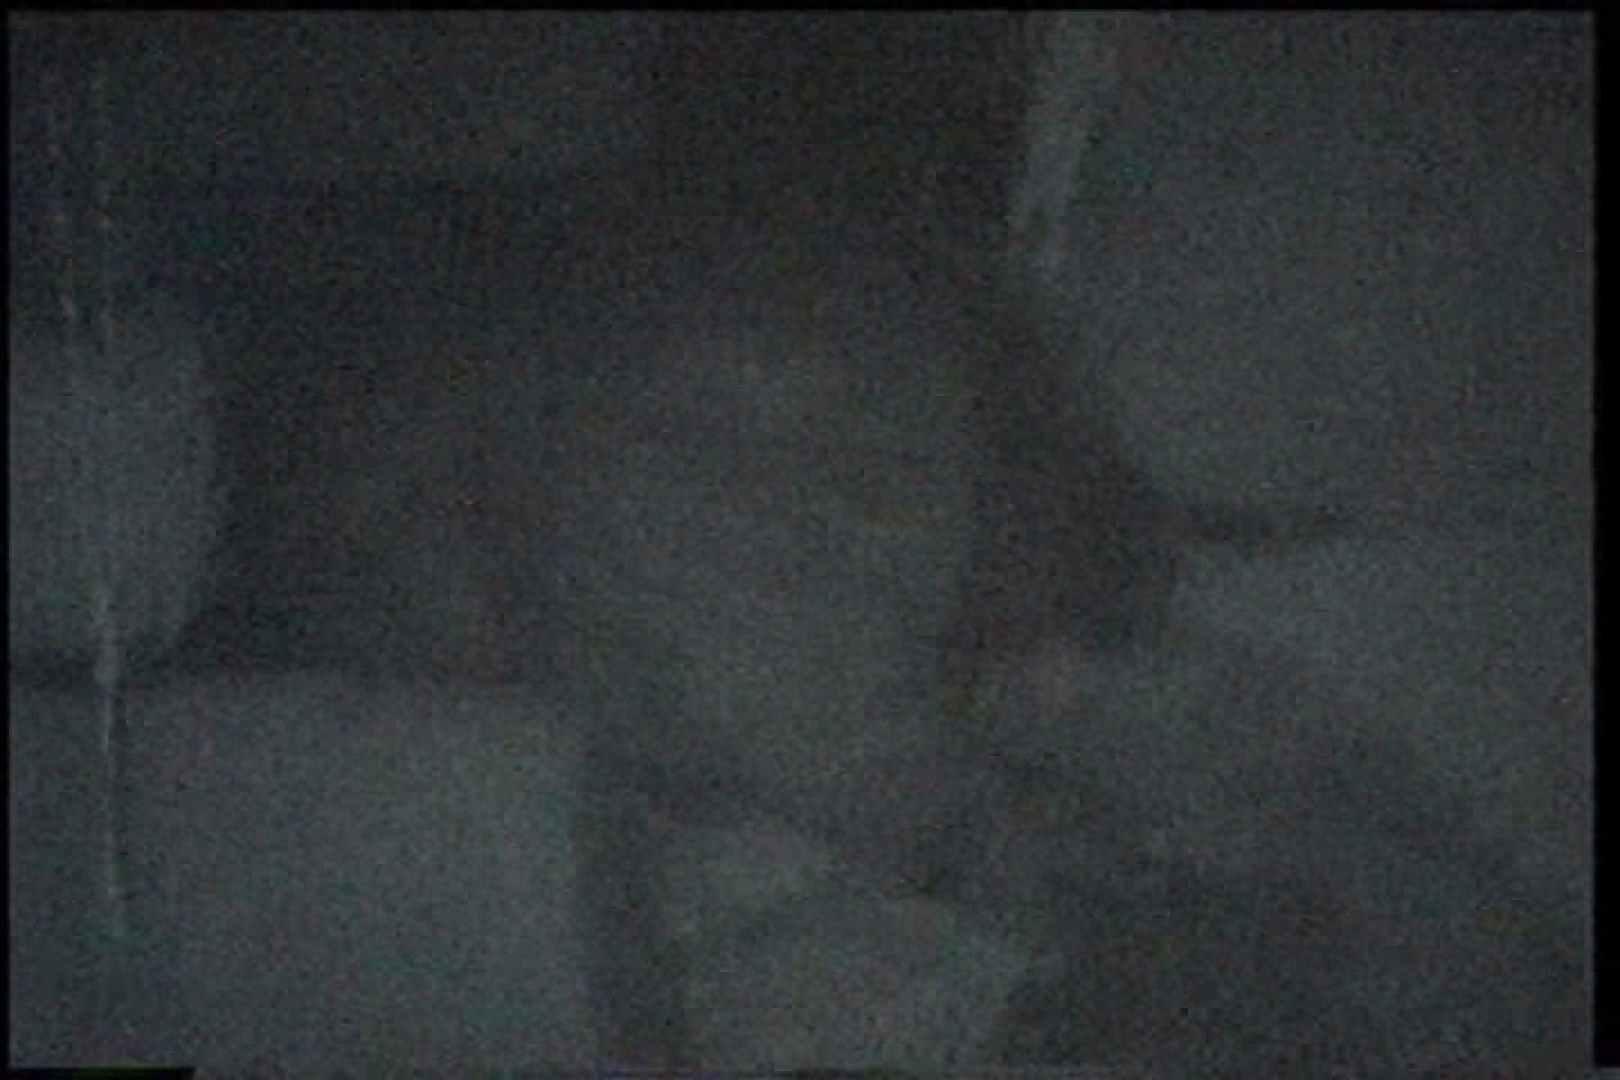 充血監督の深夜の運動会Vol.194 カップル オマンコ動画キャプチャ 103pic 2